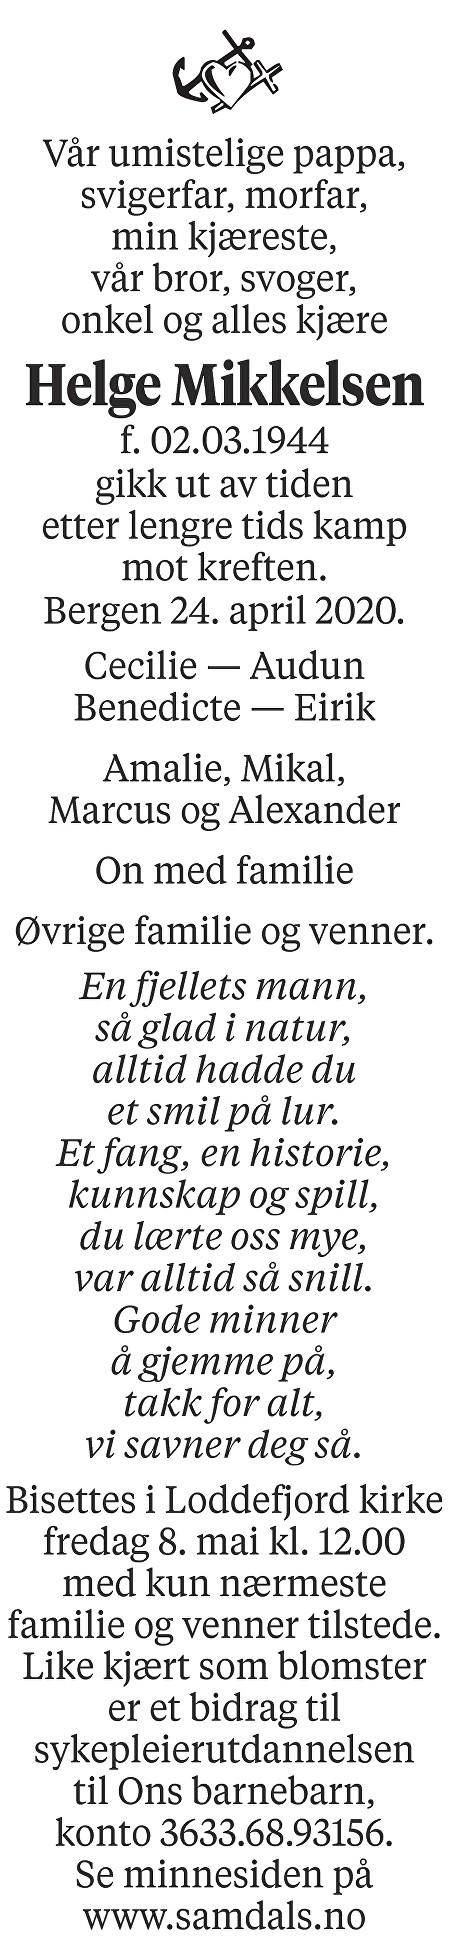 Helge Mikkelsen Dødsannonse